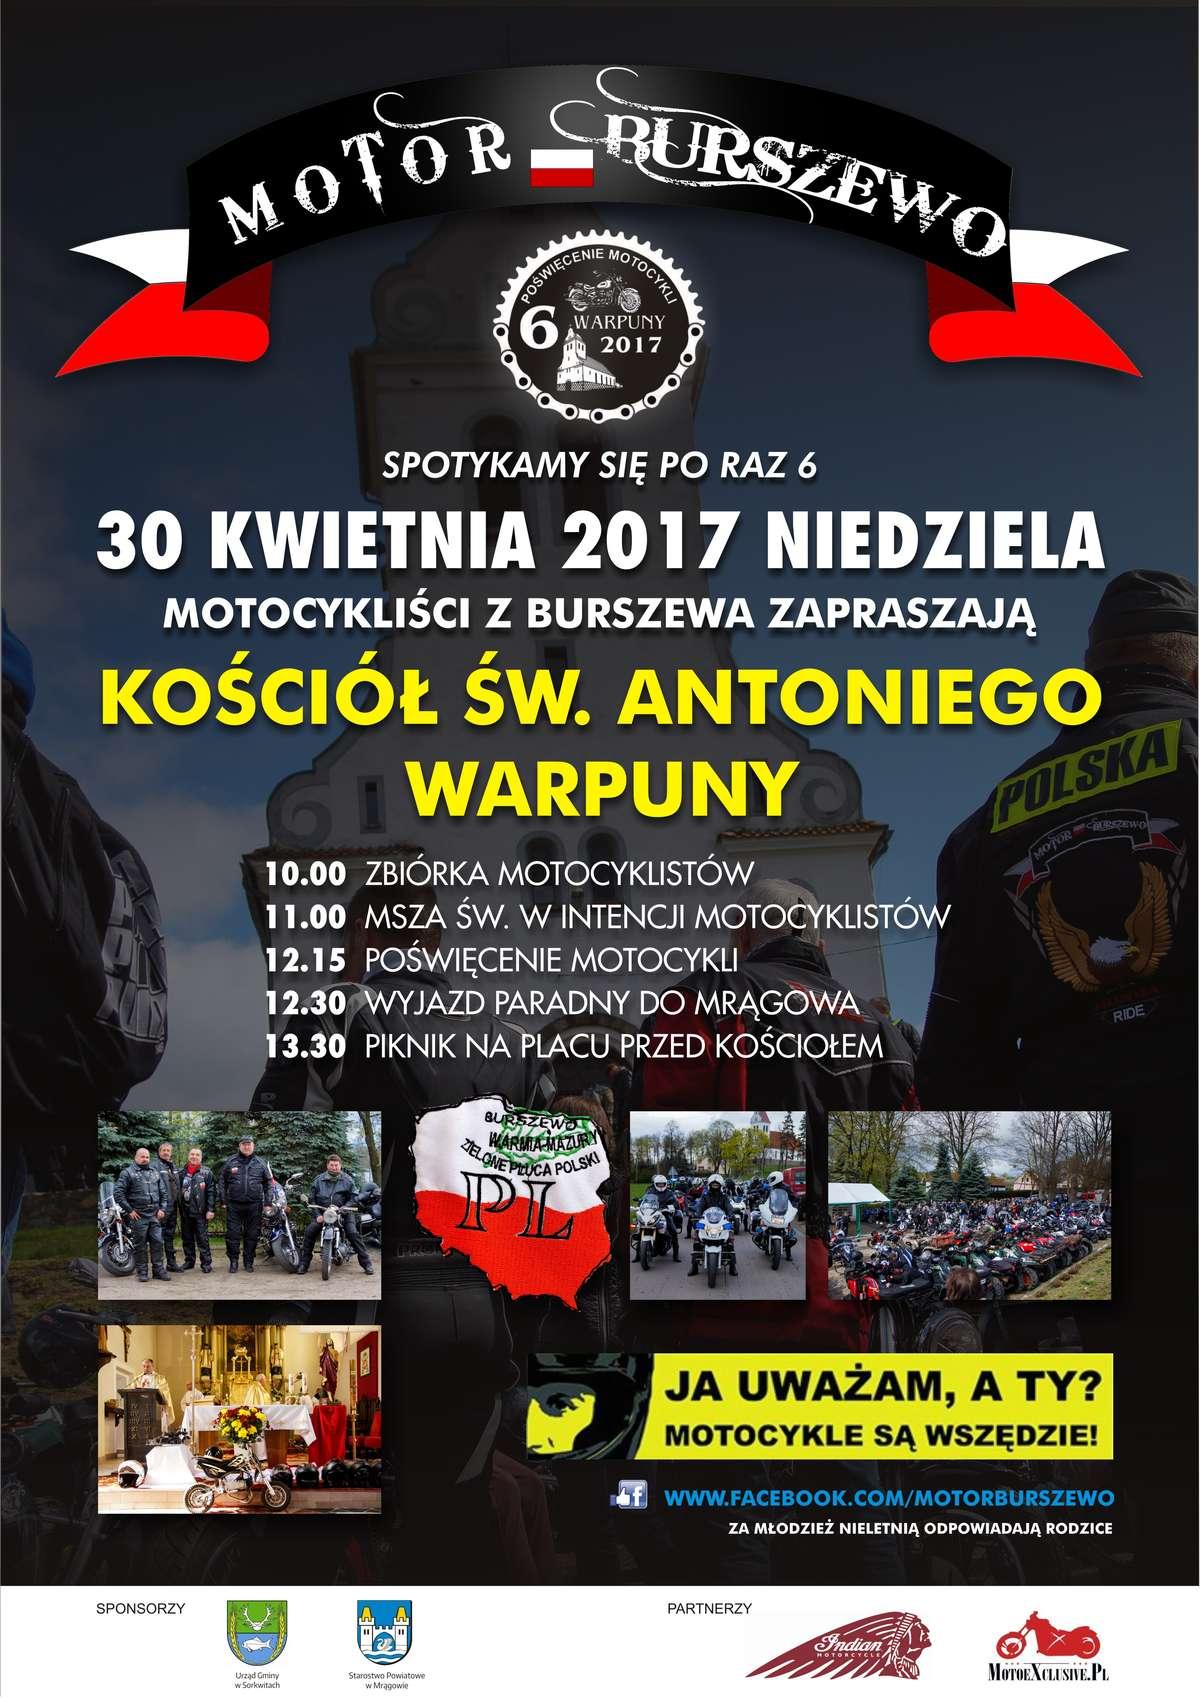 plakat inauguracyjny sezonu motocyklowego 2017 w Sorkwitach